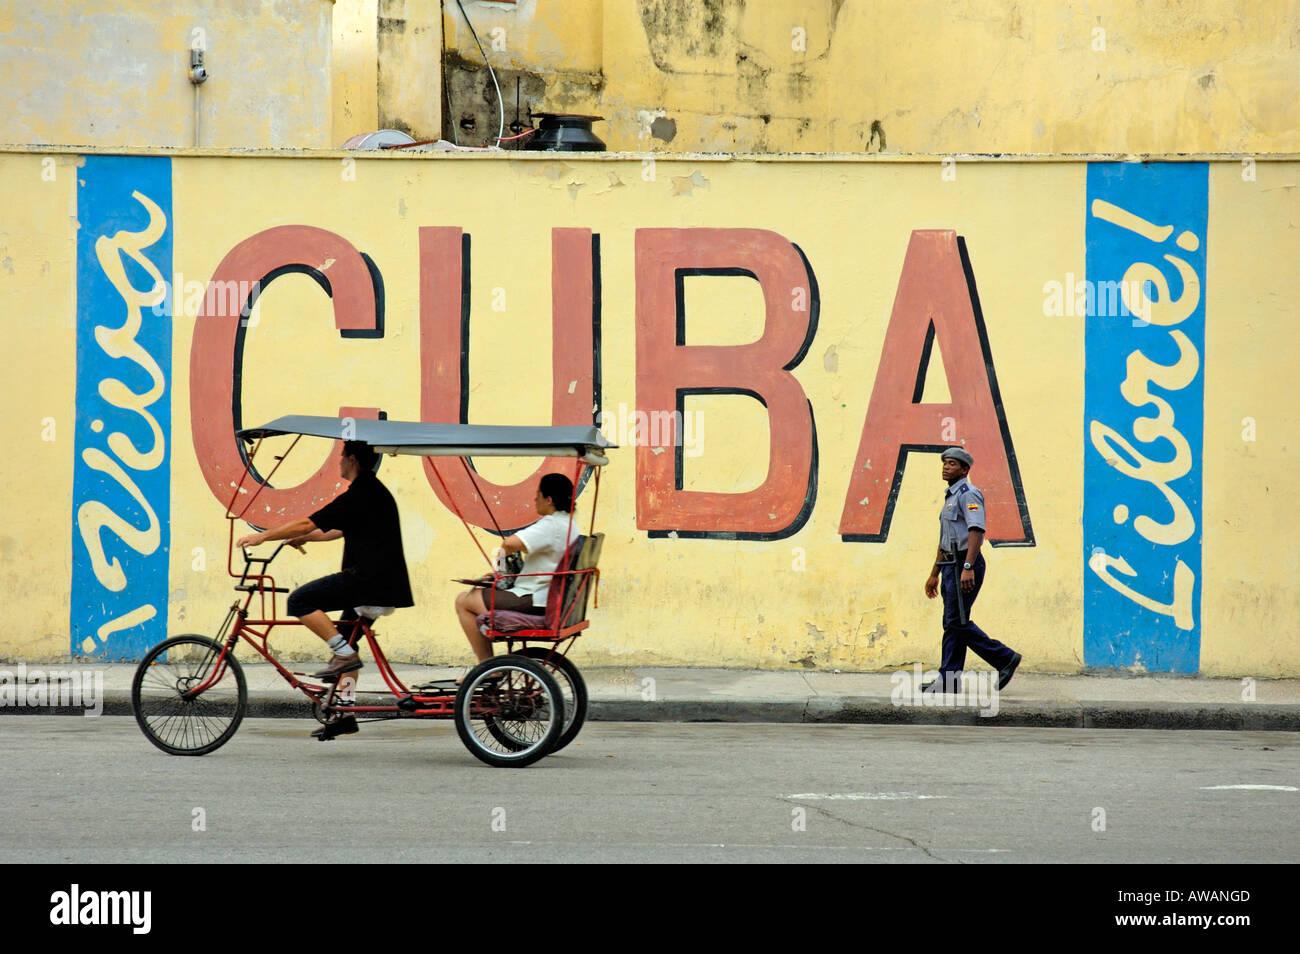 Viva Cuba, Cuba Libre in old Havana, Cuba Stock Photo: 9440716 - Alamy